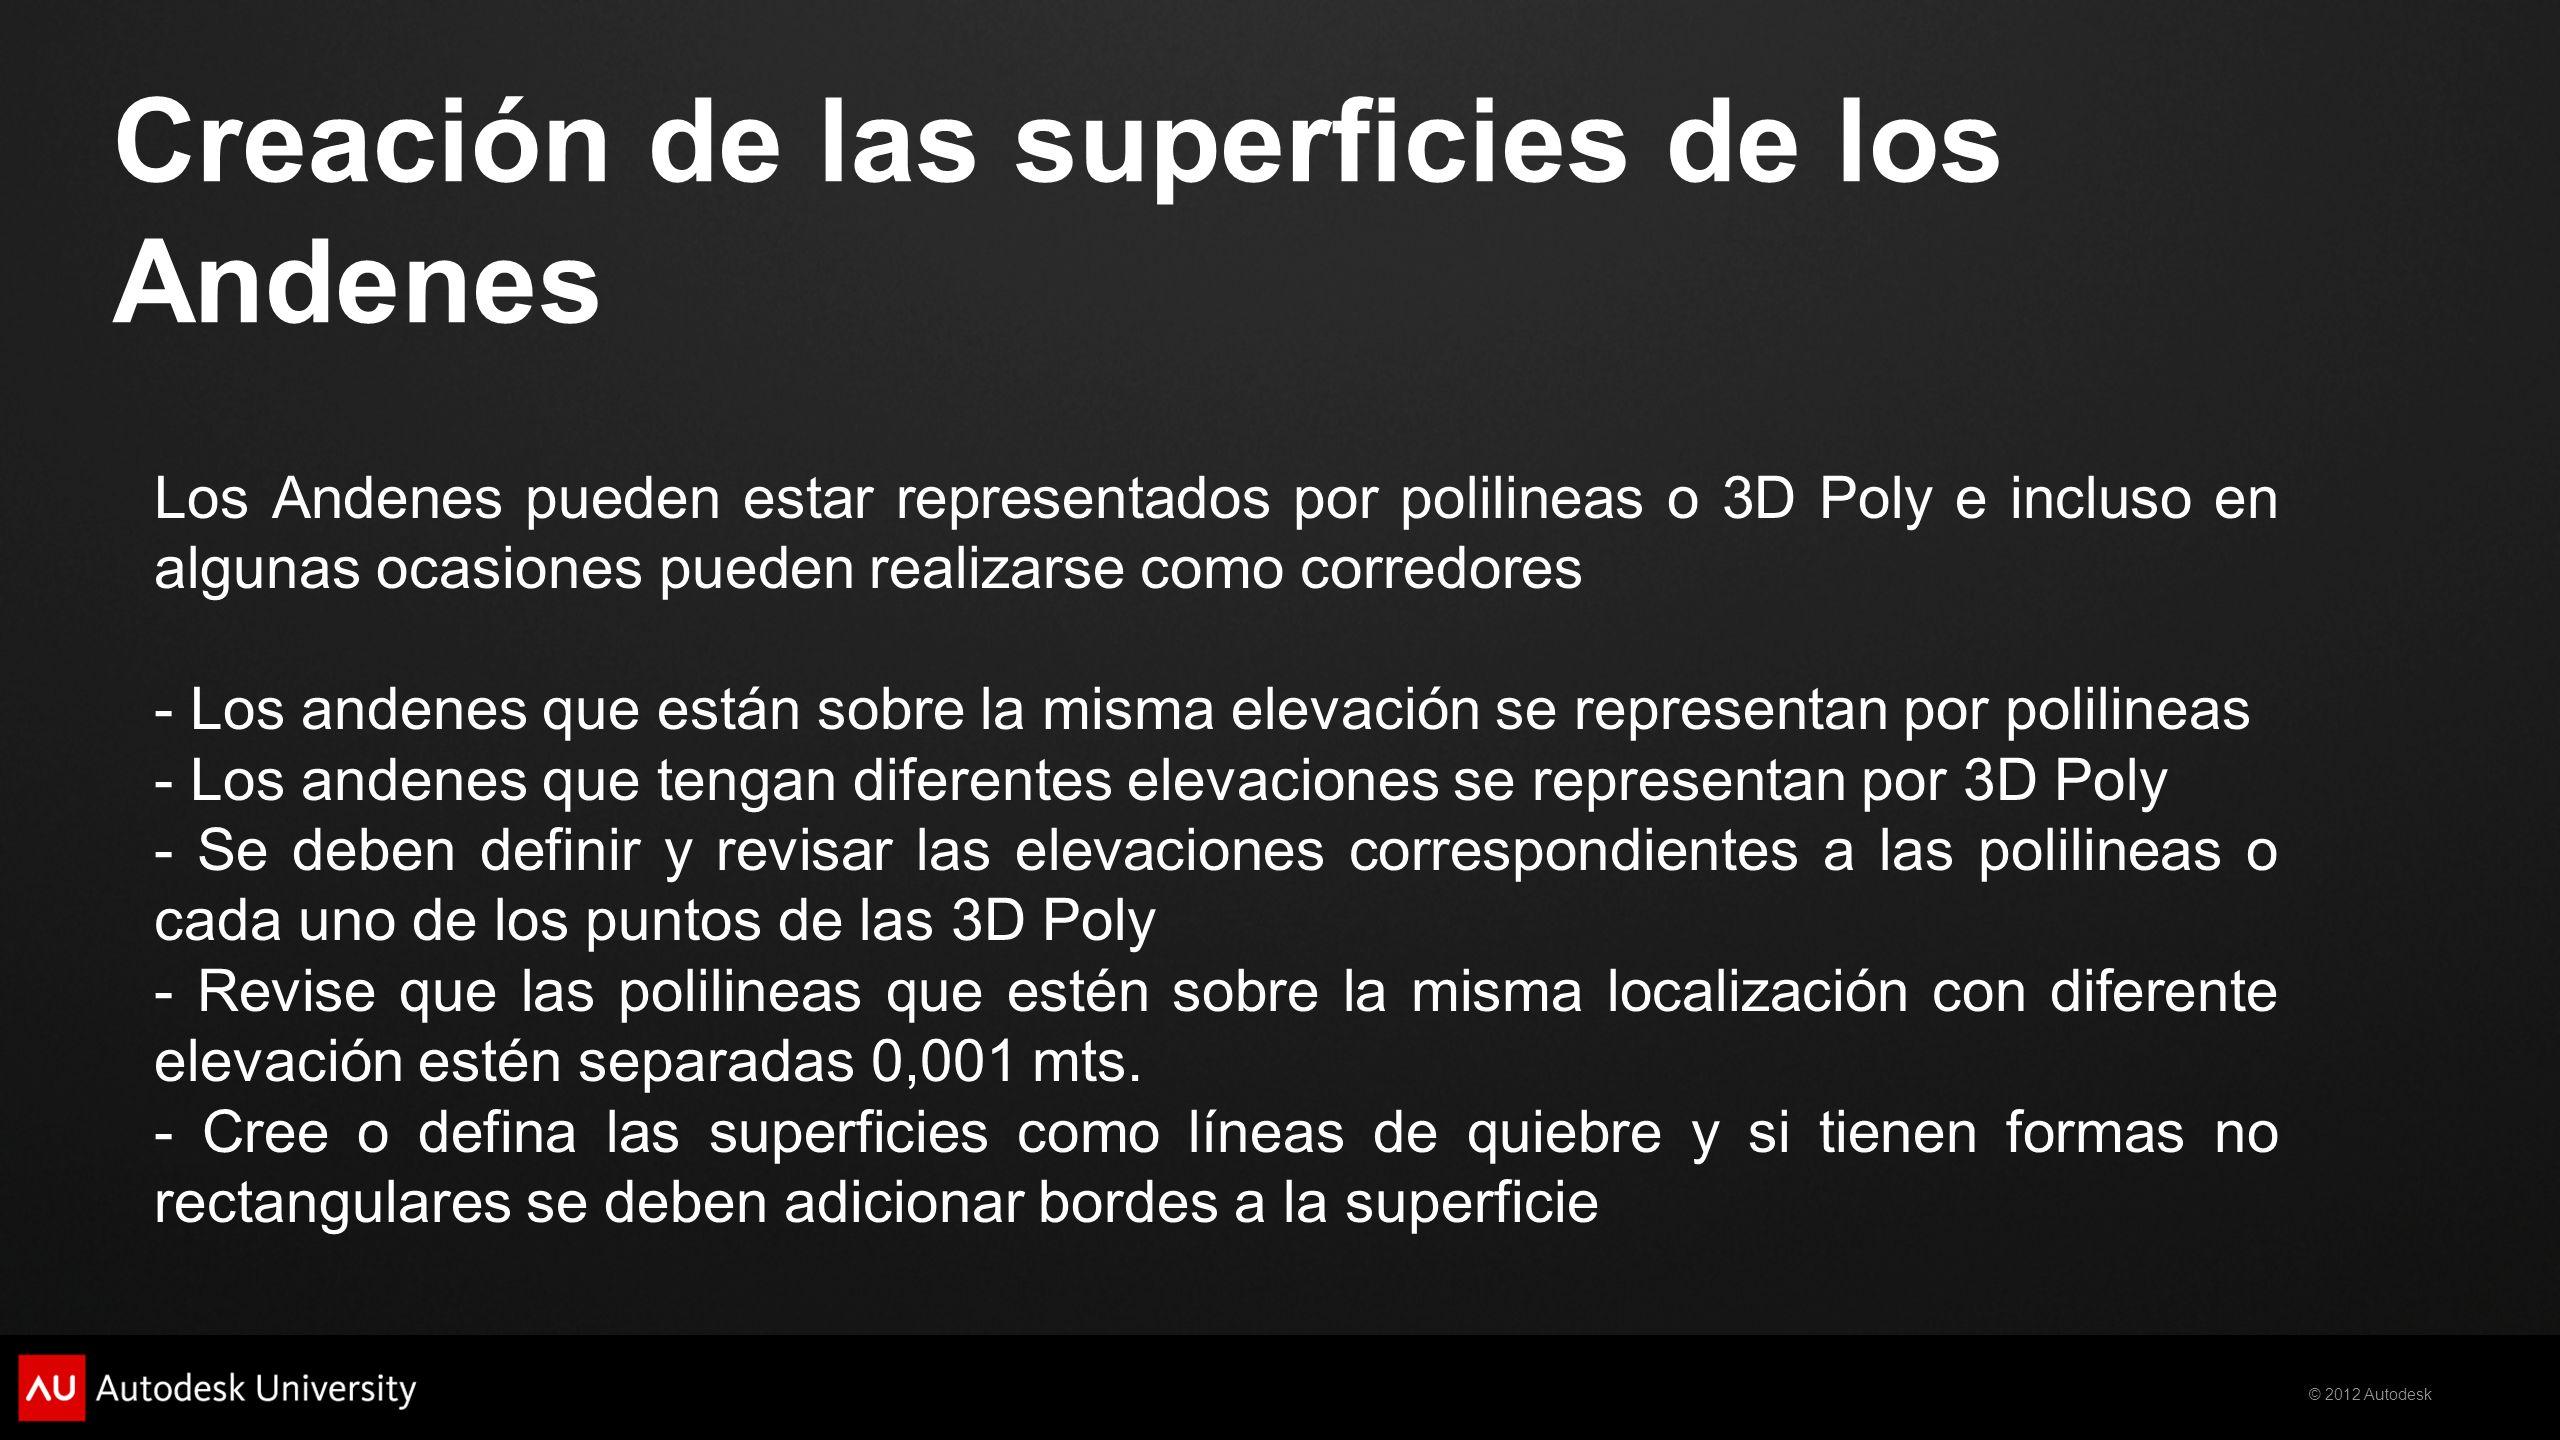 © 2012 Autodesk Creación de las superficies de los Andenes Los Andenes pueden estar representados por polilineas o 3D Poly e incluso en algunas ocasiones pueden realizarse como corredores - Los andenes que están sobre la misma elevación se representan por polilineas - Los andenes que tengan diferentes elevaciones se representan por 3D Poly - Se deben definir y revisar las elevaciones correspondientes a las polilineas o cada uno de los puntos de las 3D Poly - Revise que las polilineas que estén sobre la misma localización con diferente elevación estén separadas 0,001 mts.